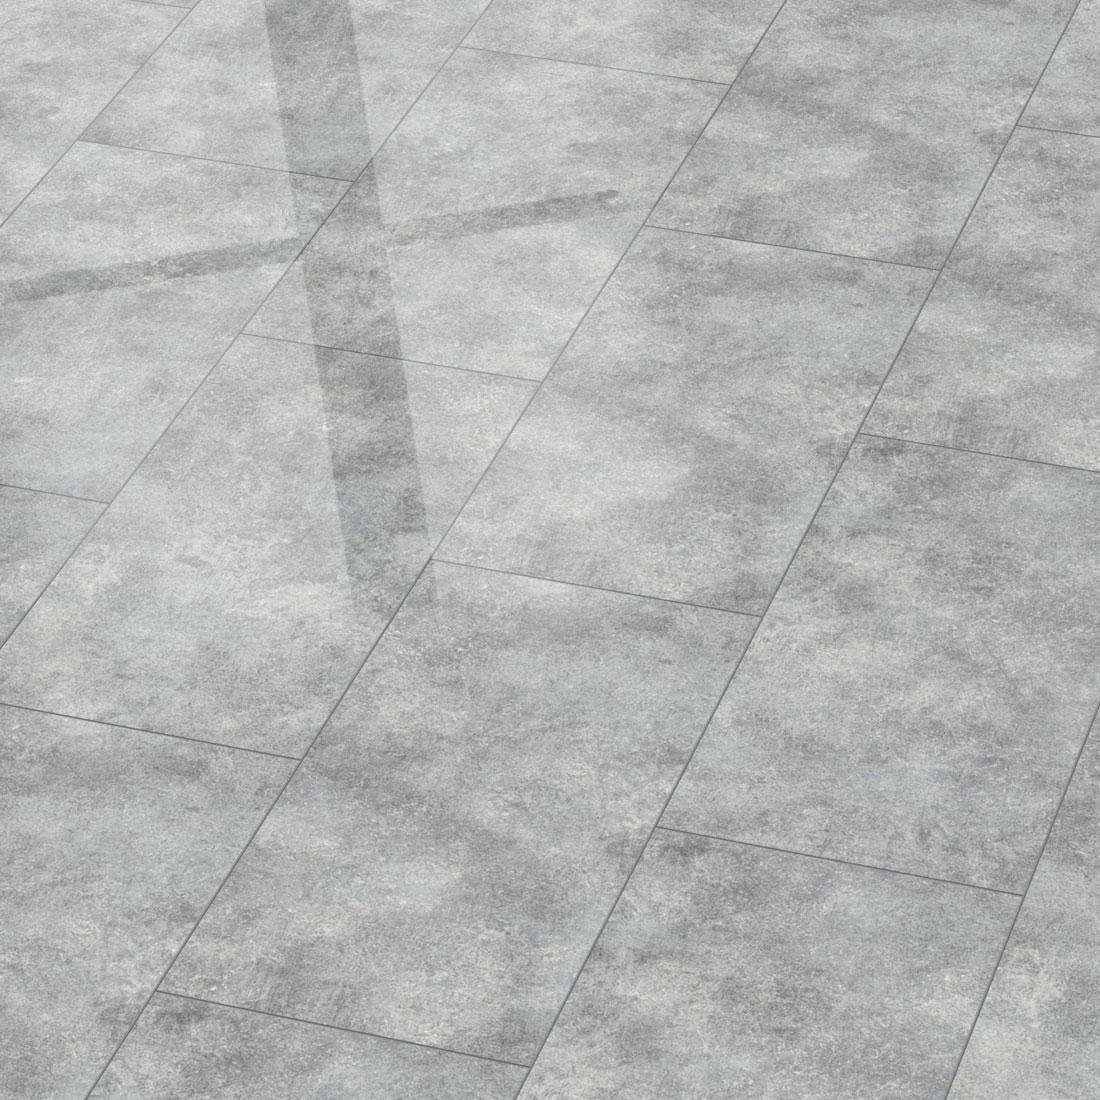 Full Size of Hochglanz Laminat Poco Schlafzimmer Komplett Küche In Der Big Sofa Grau Fürs Bad Weiss Kommode Weiß Bett 140x200 Badezimmer Hochschrank Betten Im Regal Für Wohnzimmer Hochglanz Laminat Poco